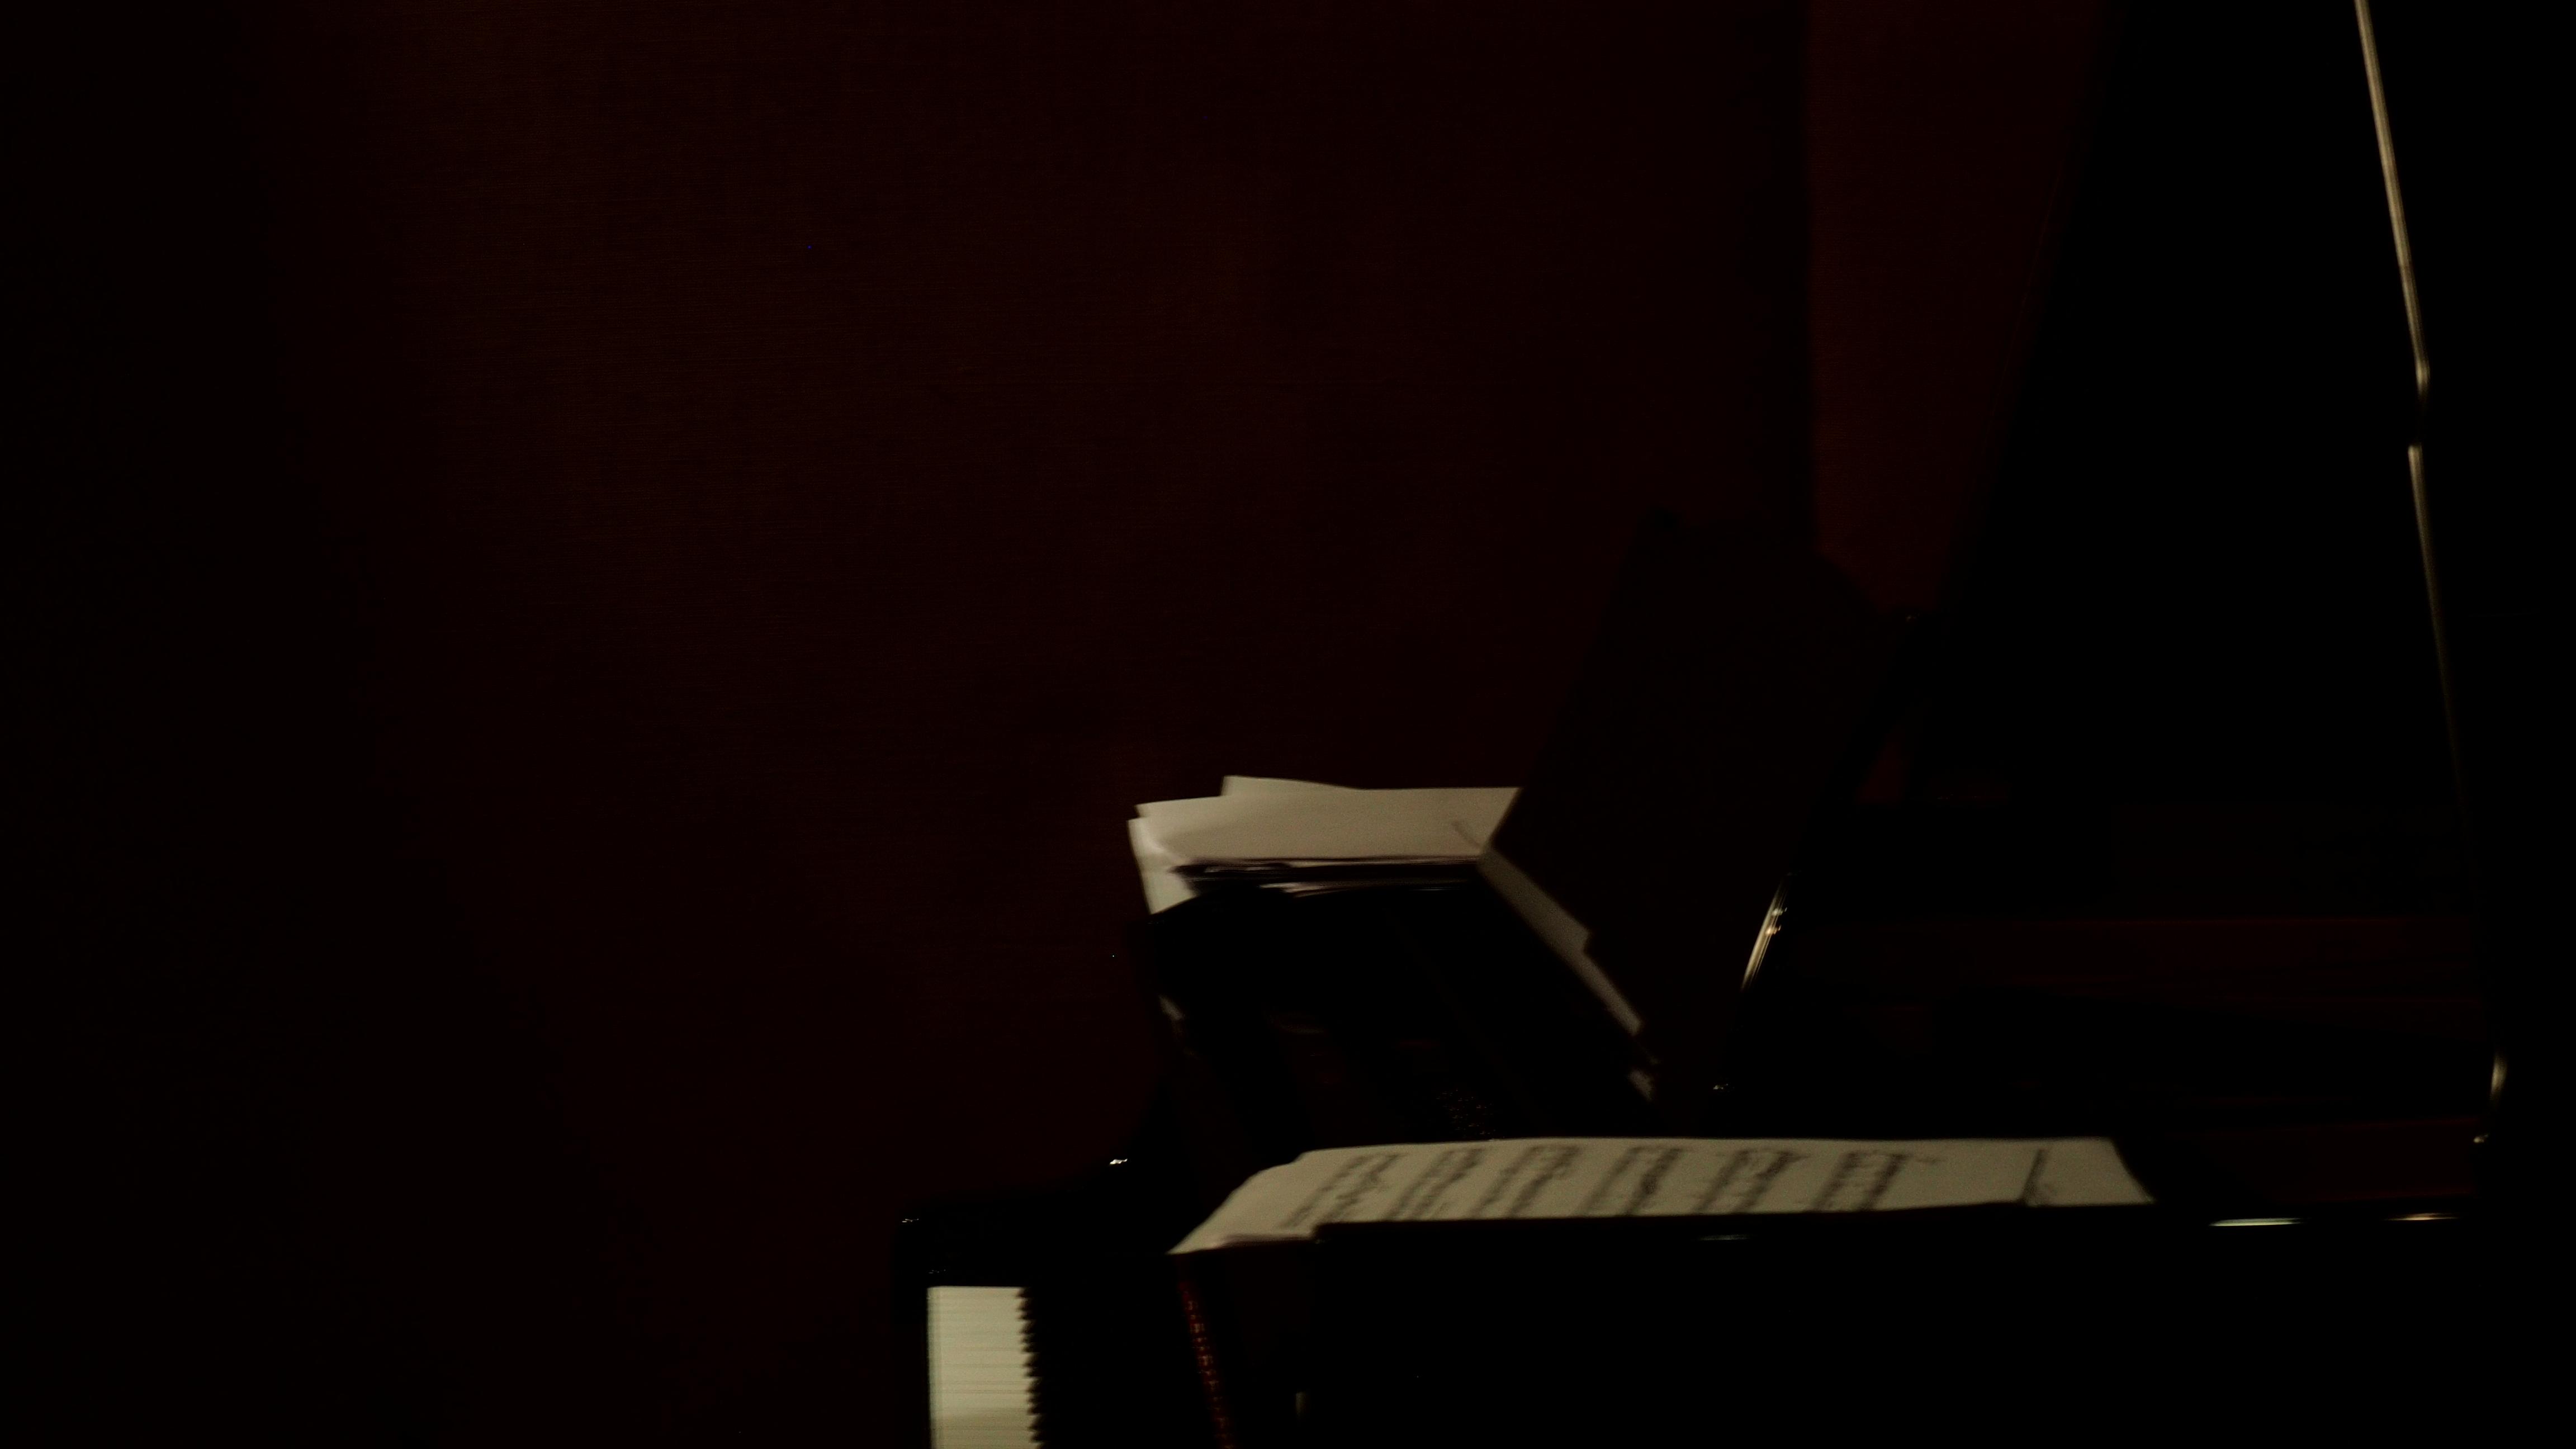 Σπύρος Δεληγιαννόπουλος Στούντιο Α.Π.Θ. 2017